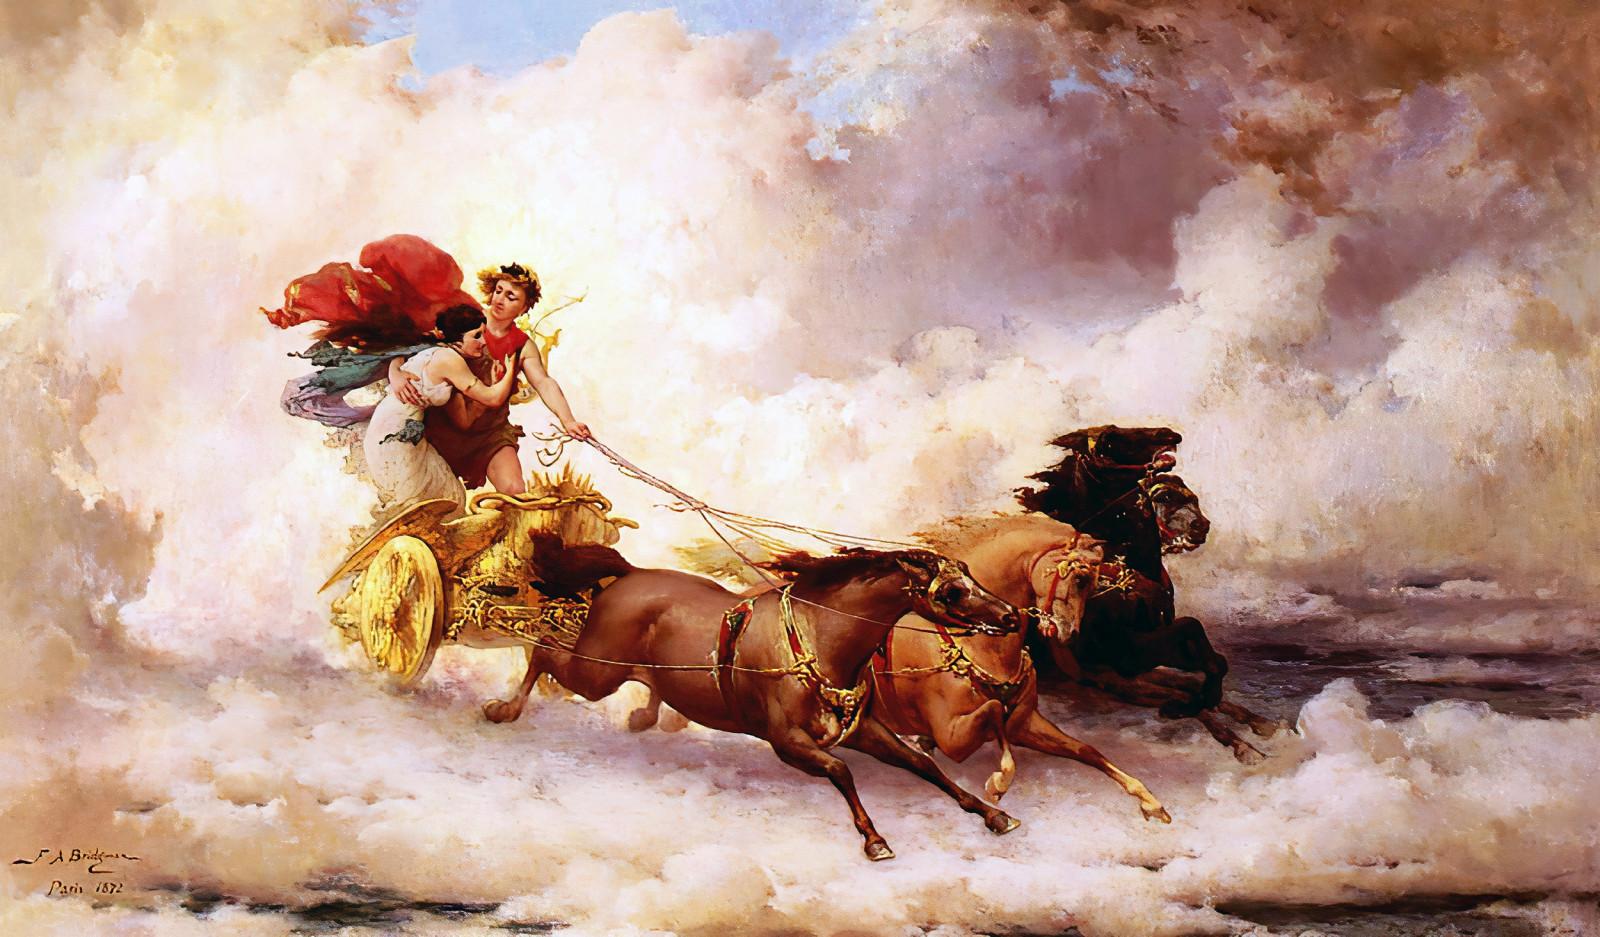 壁纸 : Apollo Abducting Cyrene, Frederick Arthur Bridgman ...